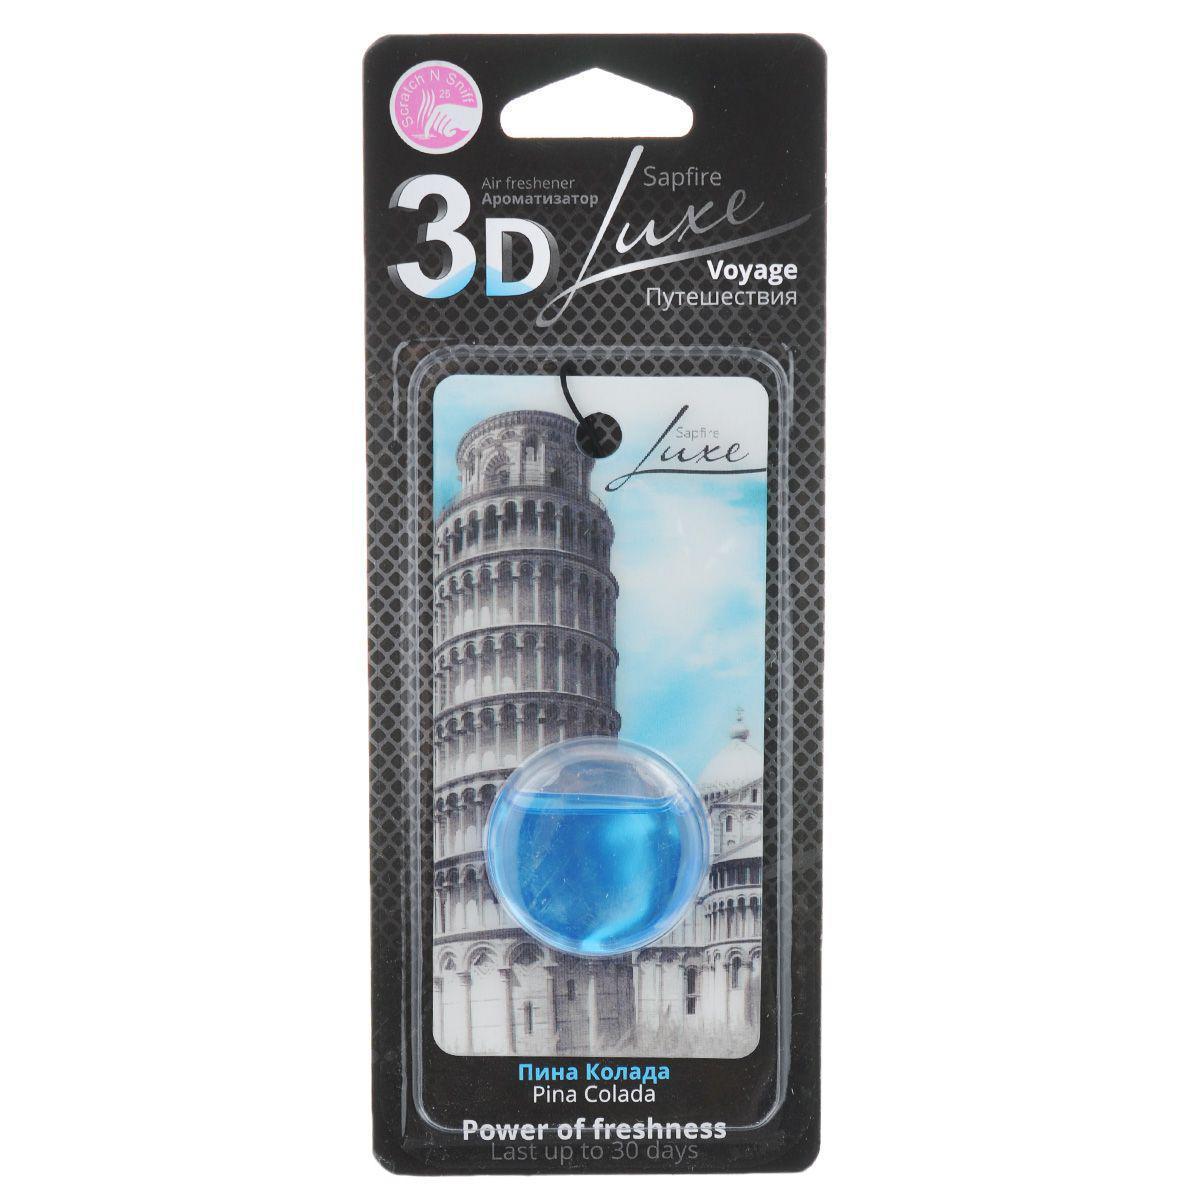 Ароматизатор для салона автомобиля 3D Sapfire Voyage. Пизанская башня, пина коладаU3S-32011Подвесной мембранный ароматизатор 3D Sapfire Voyage. Пизанская башня имеет приятный аромат пина колады. Ароматизатор представляет собой подвесную 3D карточку, украшенную изображением Пизанской башни, с мембранной капсулой, в которой содержится парфюмерная композиция. Ароматизатор предназначен для автомобиля, а также для небольших помещений. Аромат держится до 30 дней. 3D - новое поколение концентрированных ароматизаторов Сапфир. Автомобильный и домашний декоративный освежитель, изготовленный с использованием современной мембранной технологии, - это безопасно, удобно и гарантирует длительную работу, без риска пролить жидкое содержимое. Парфюмерная композиция разработана во Франции. Обеспечивает стойкий насыщенный аромат и запах свежести.Состав: парфюмерная композиция, гель, пластик, бумага. Размер ароматизатора: 11,5 см х 5,5 см х 1 см.Диаметр капсулы: 3,5 см.